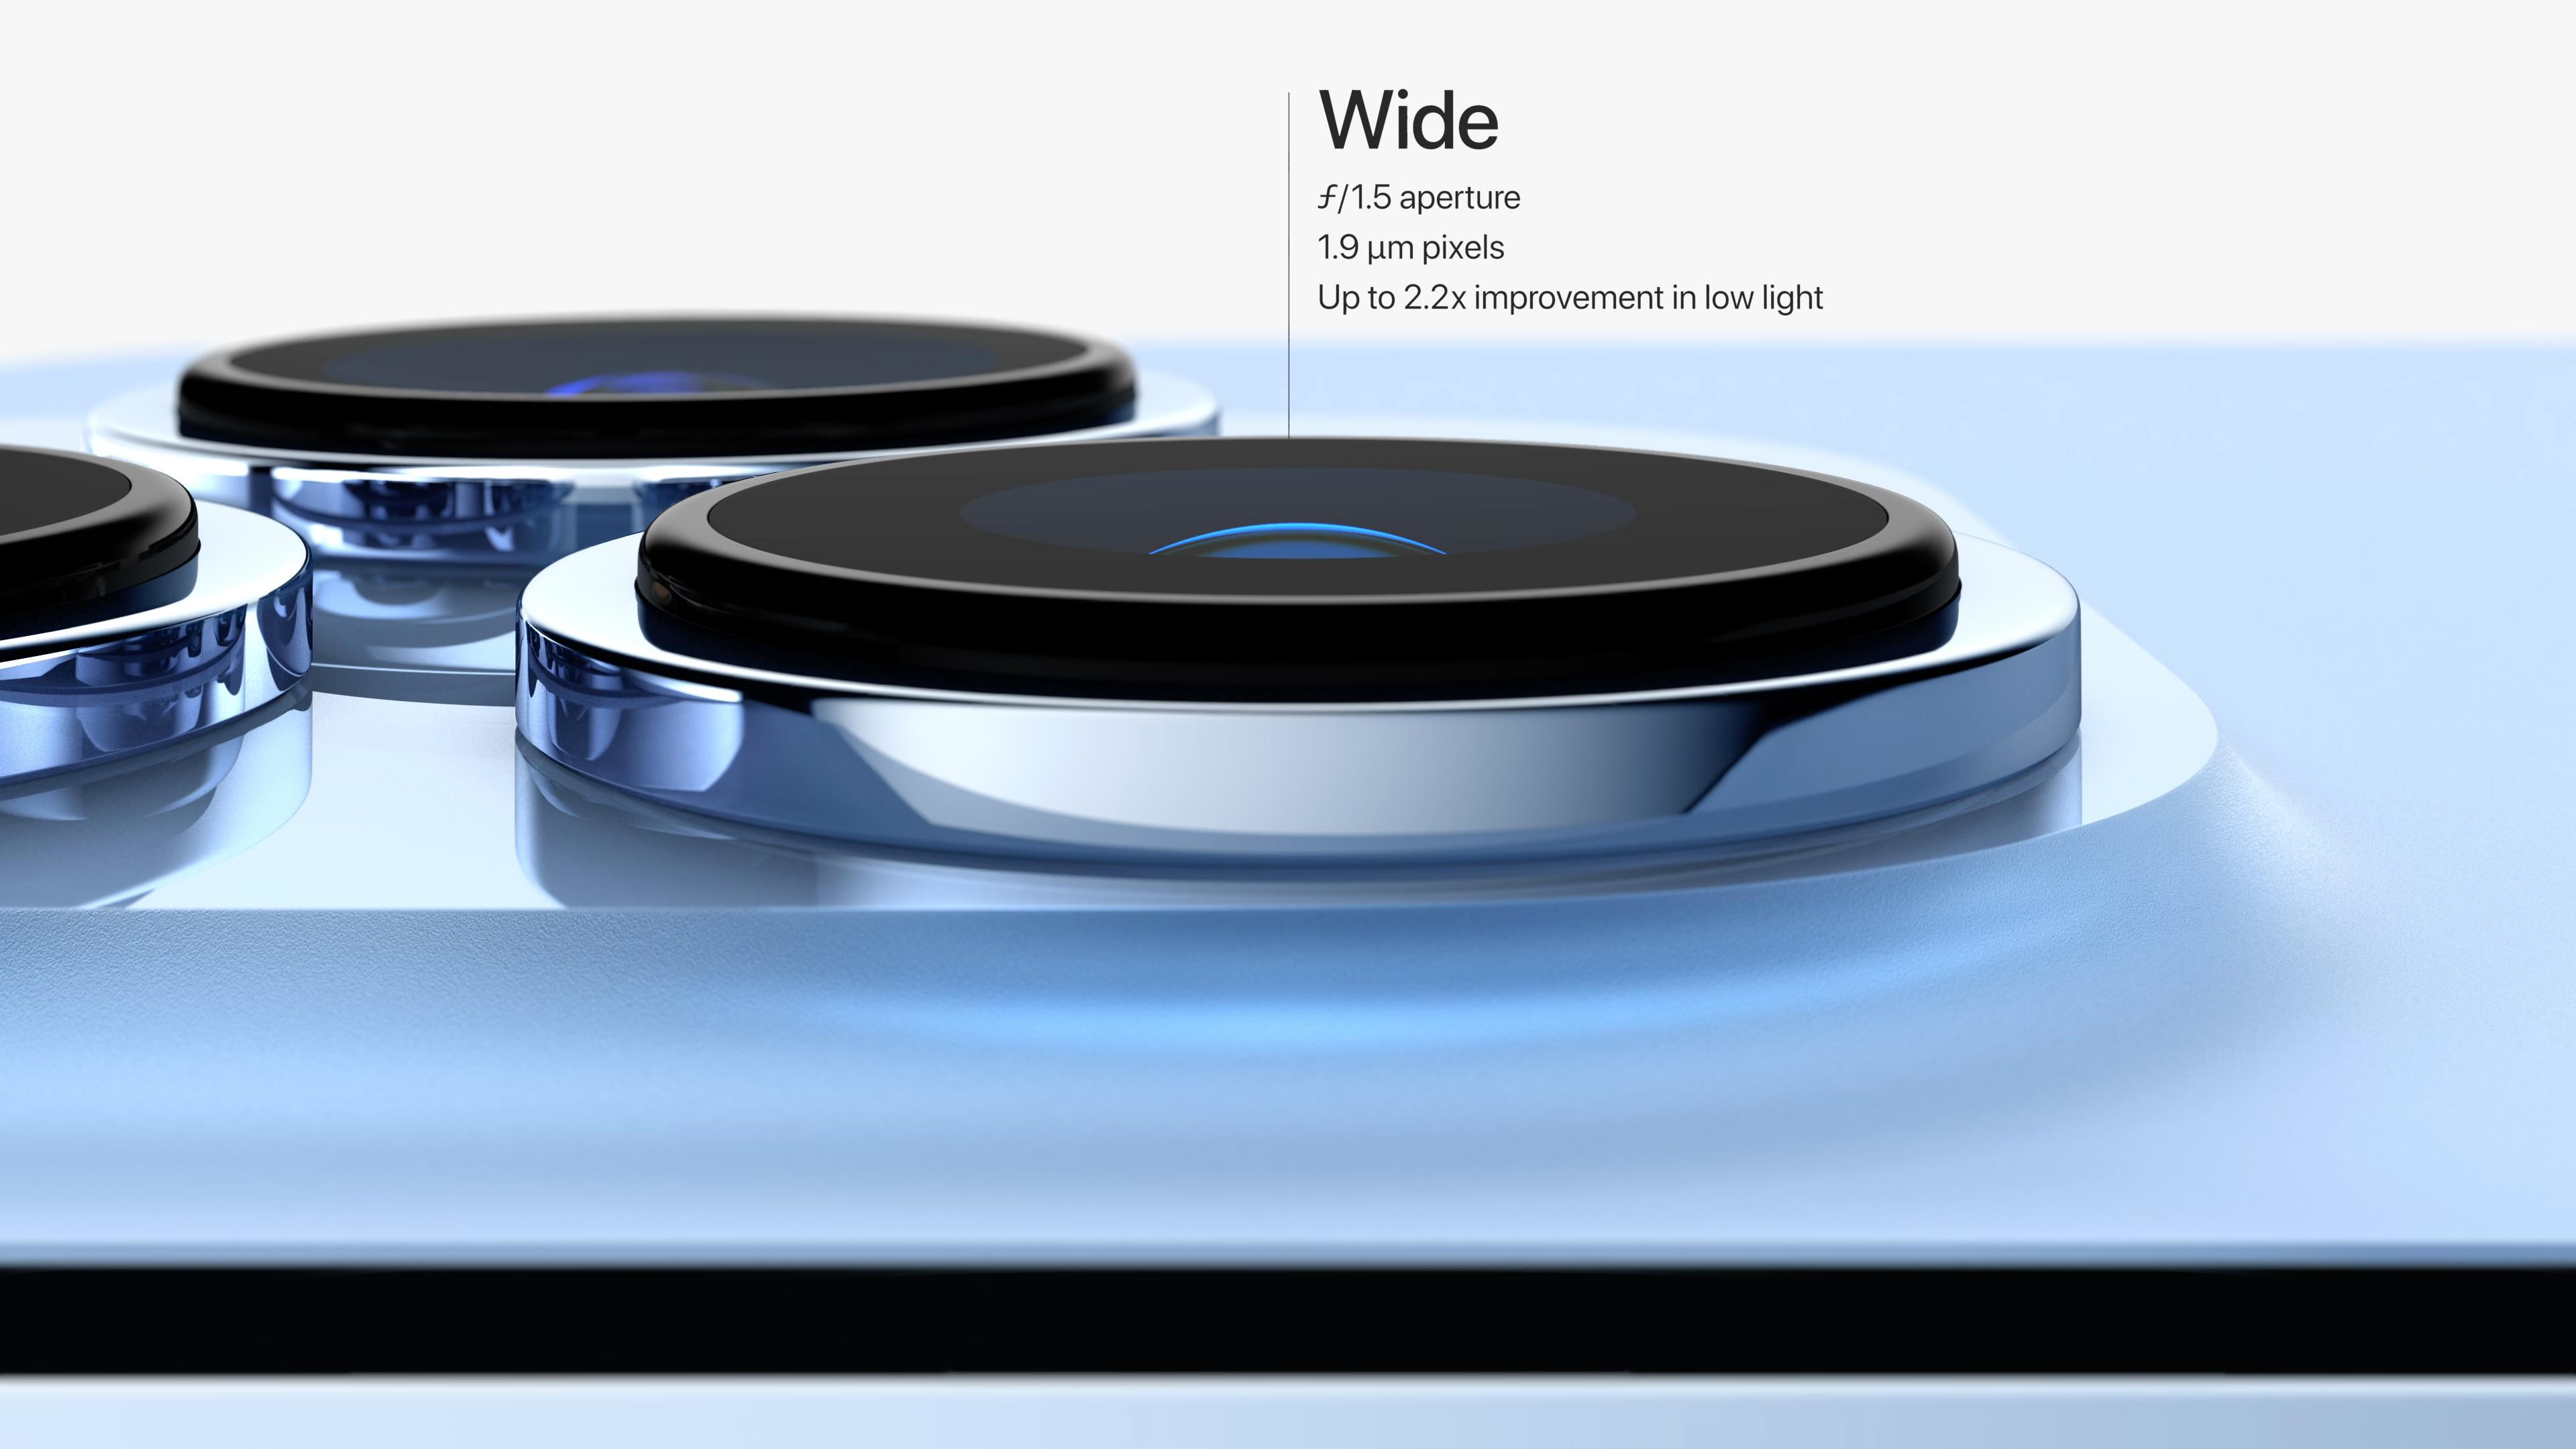 El módulo de la cámara del iPhone 13 Pro visto de lado